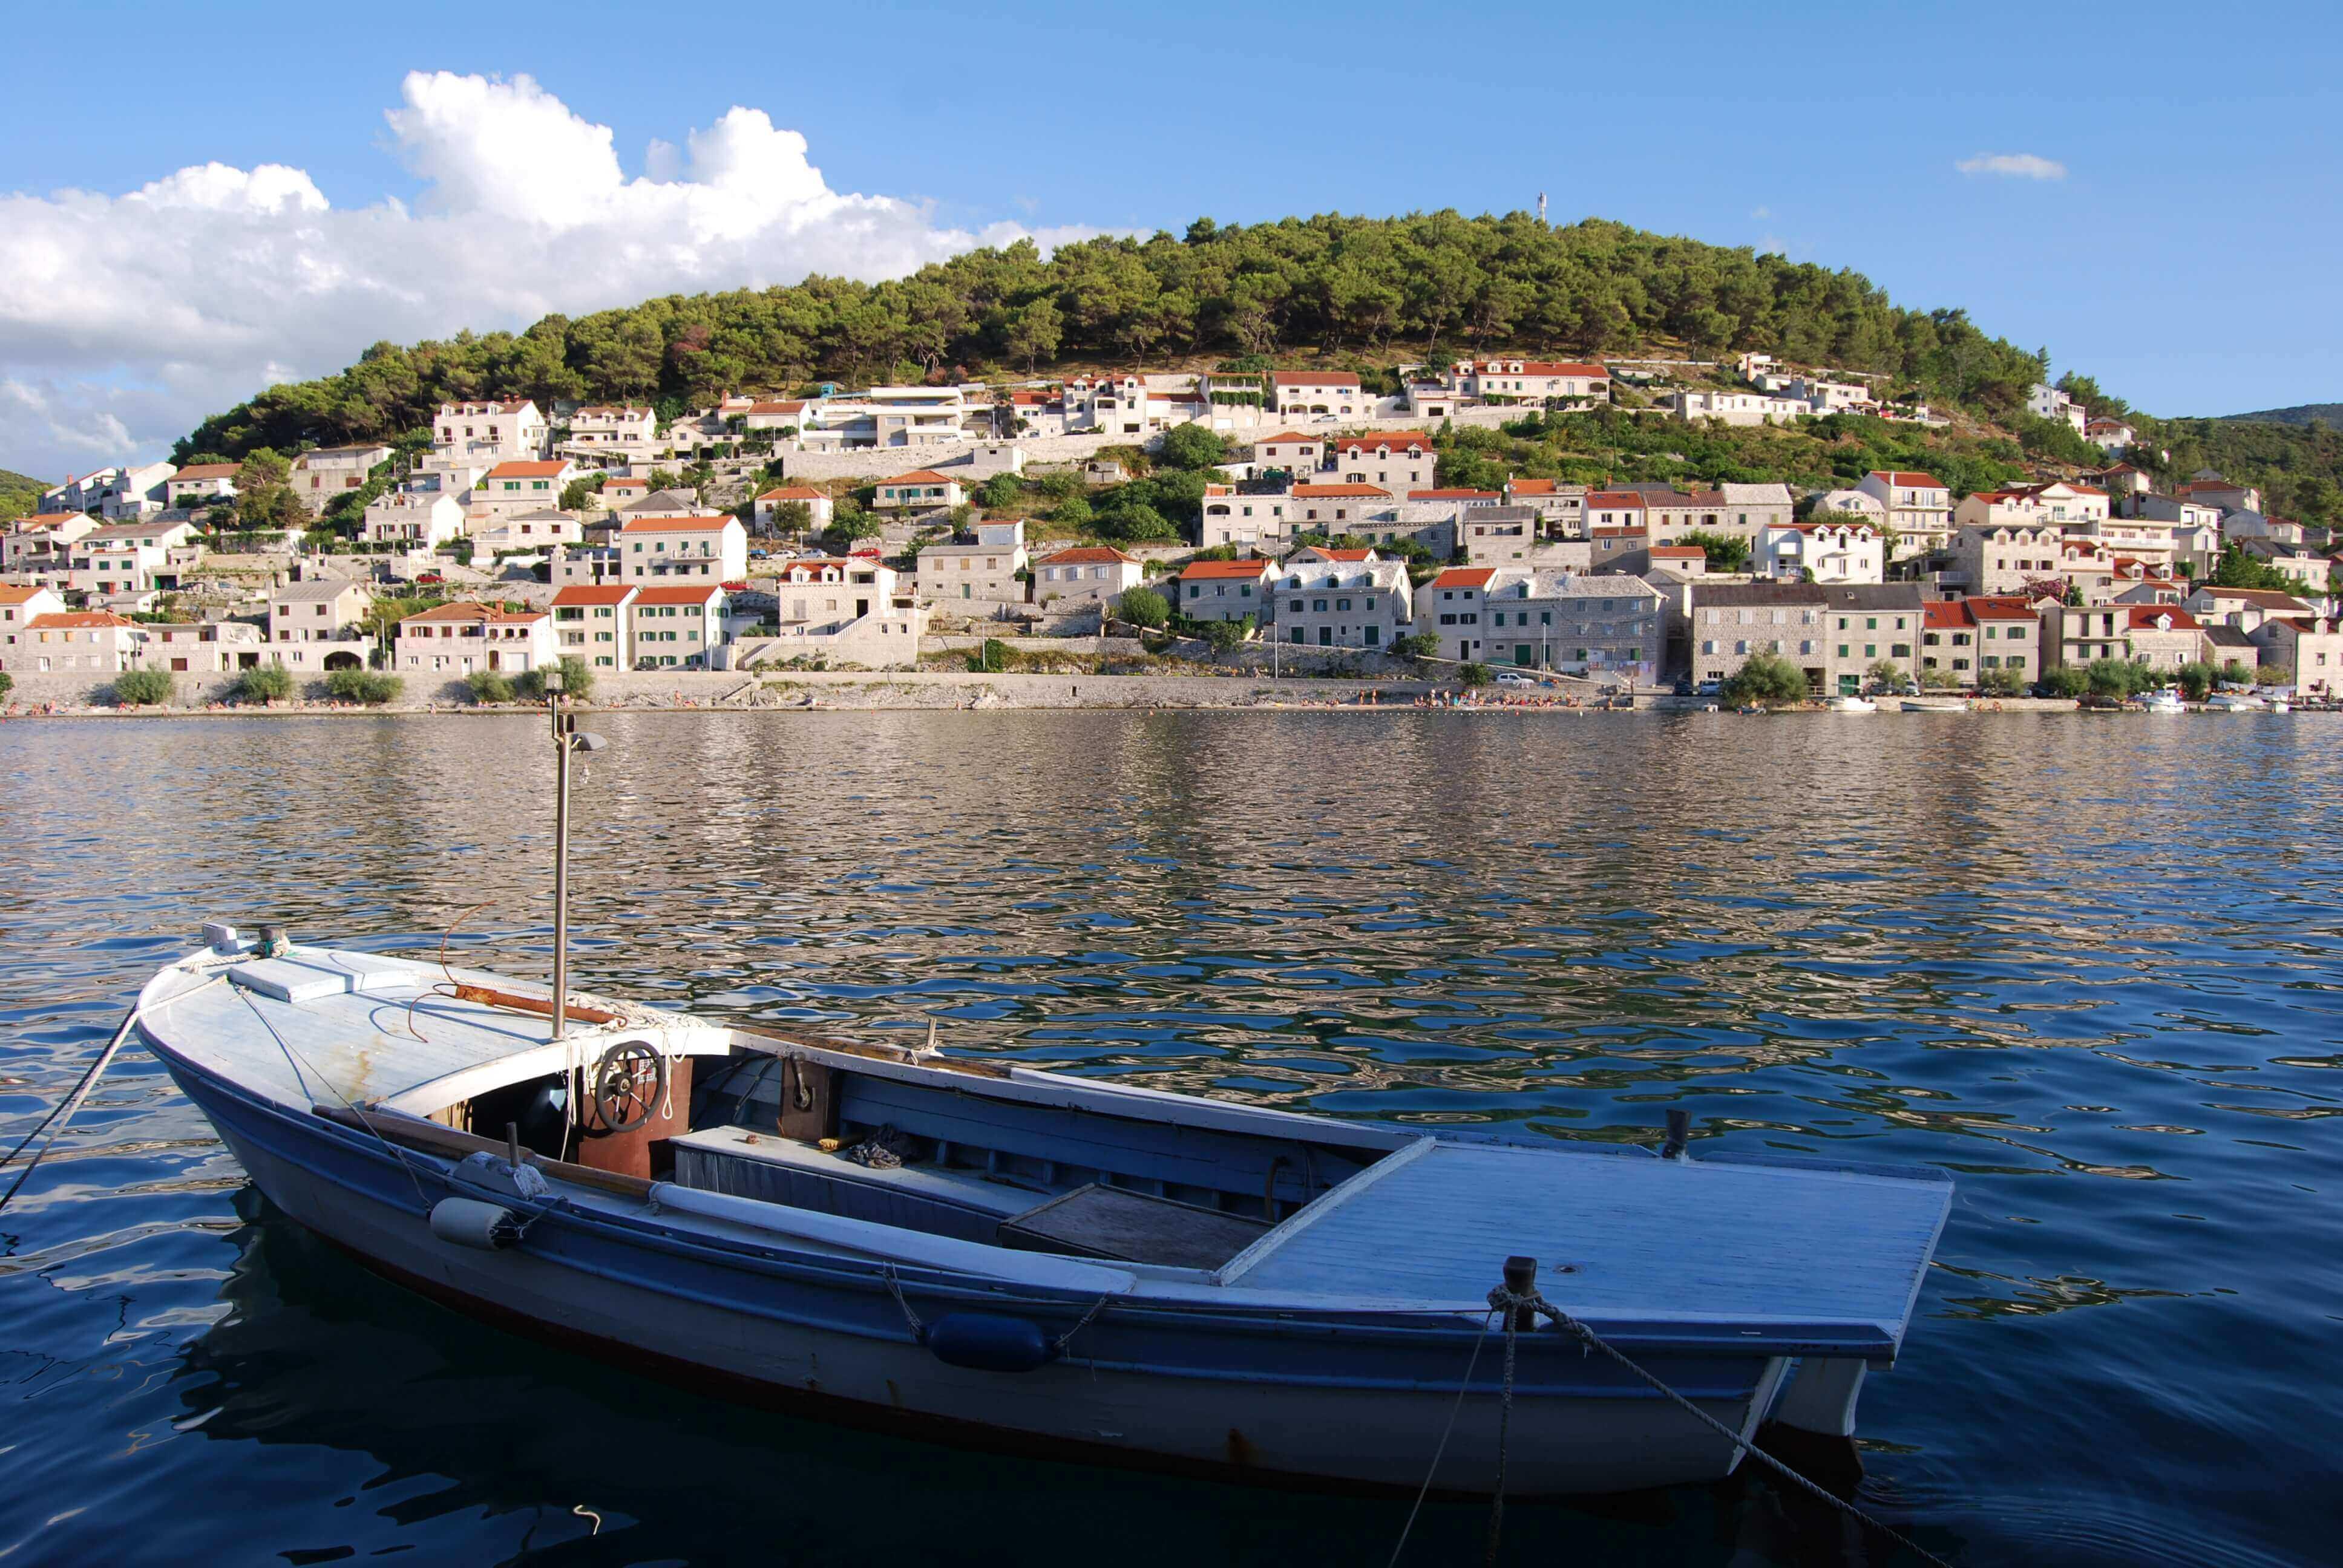 Eiland Brac Kroatie, Boot huren kroatie, catamaran huren kroatie, bootverhuur kroatie, zeilboot huren kroatie, vaarvakantie kroatie, zeilvakantie kroatie, beste aanlegplaatsen kroatie,